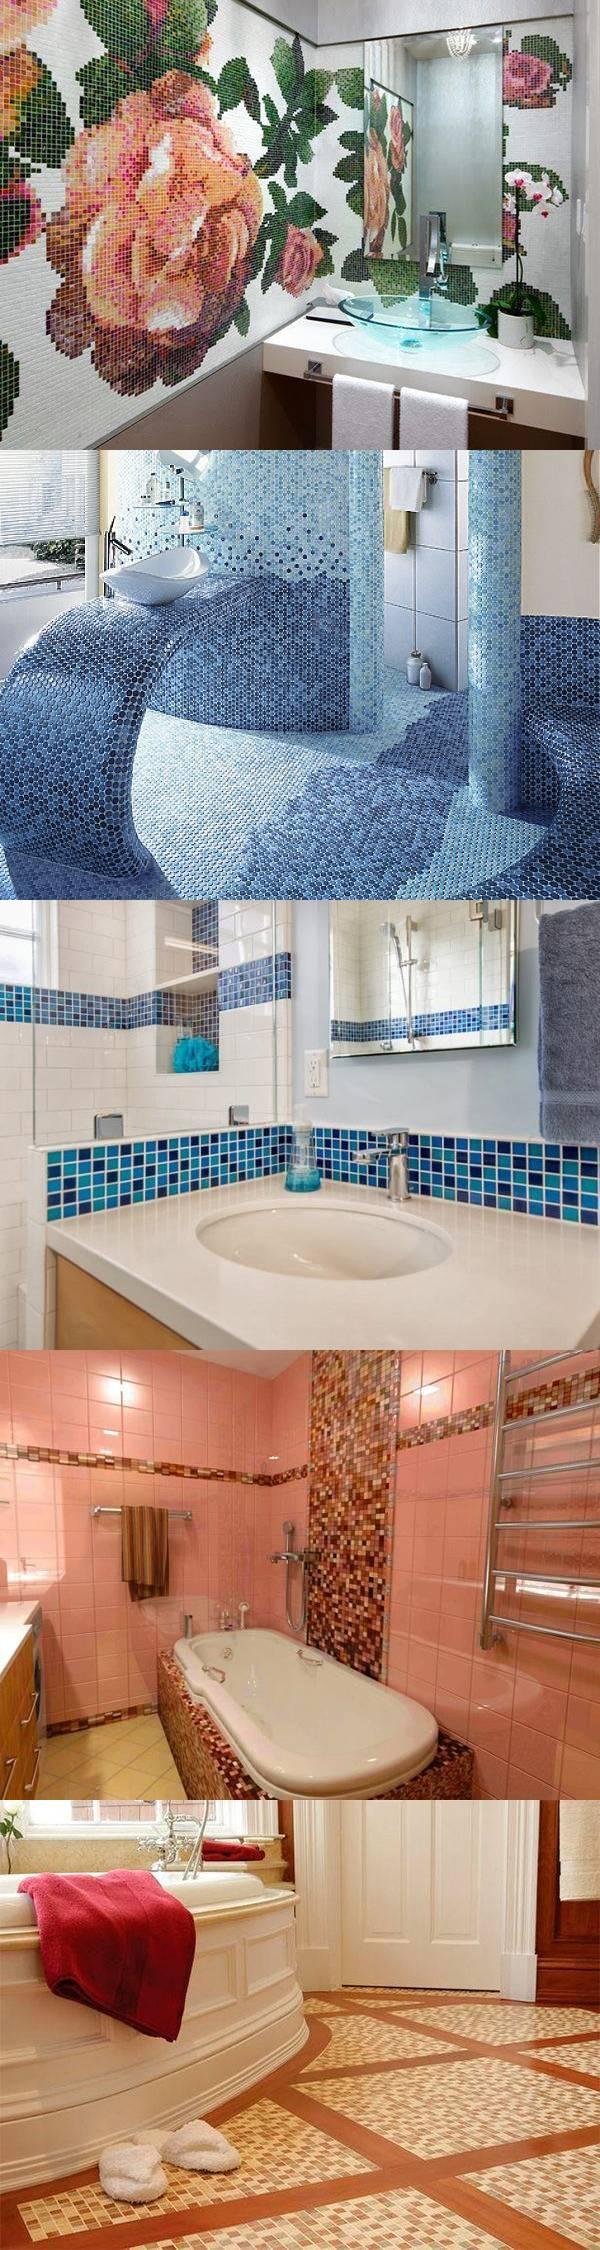 Мозаика в интерьере ванной комнаты — 27 идей